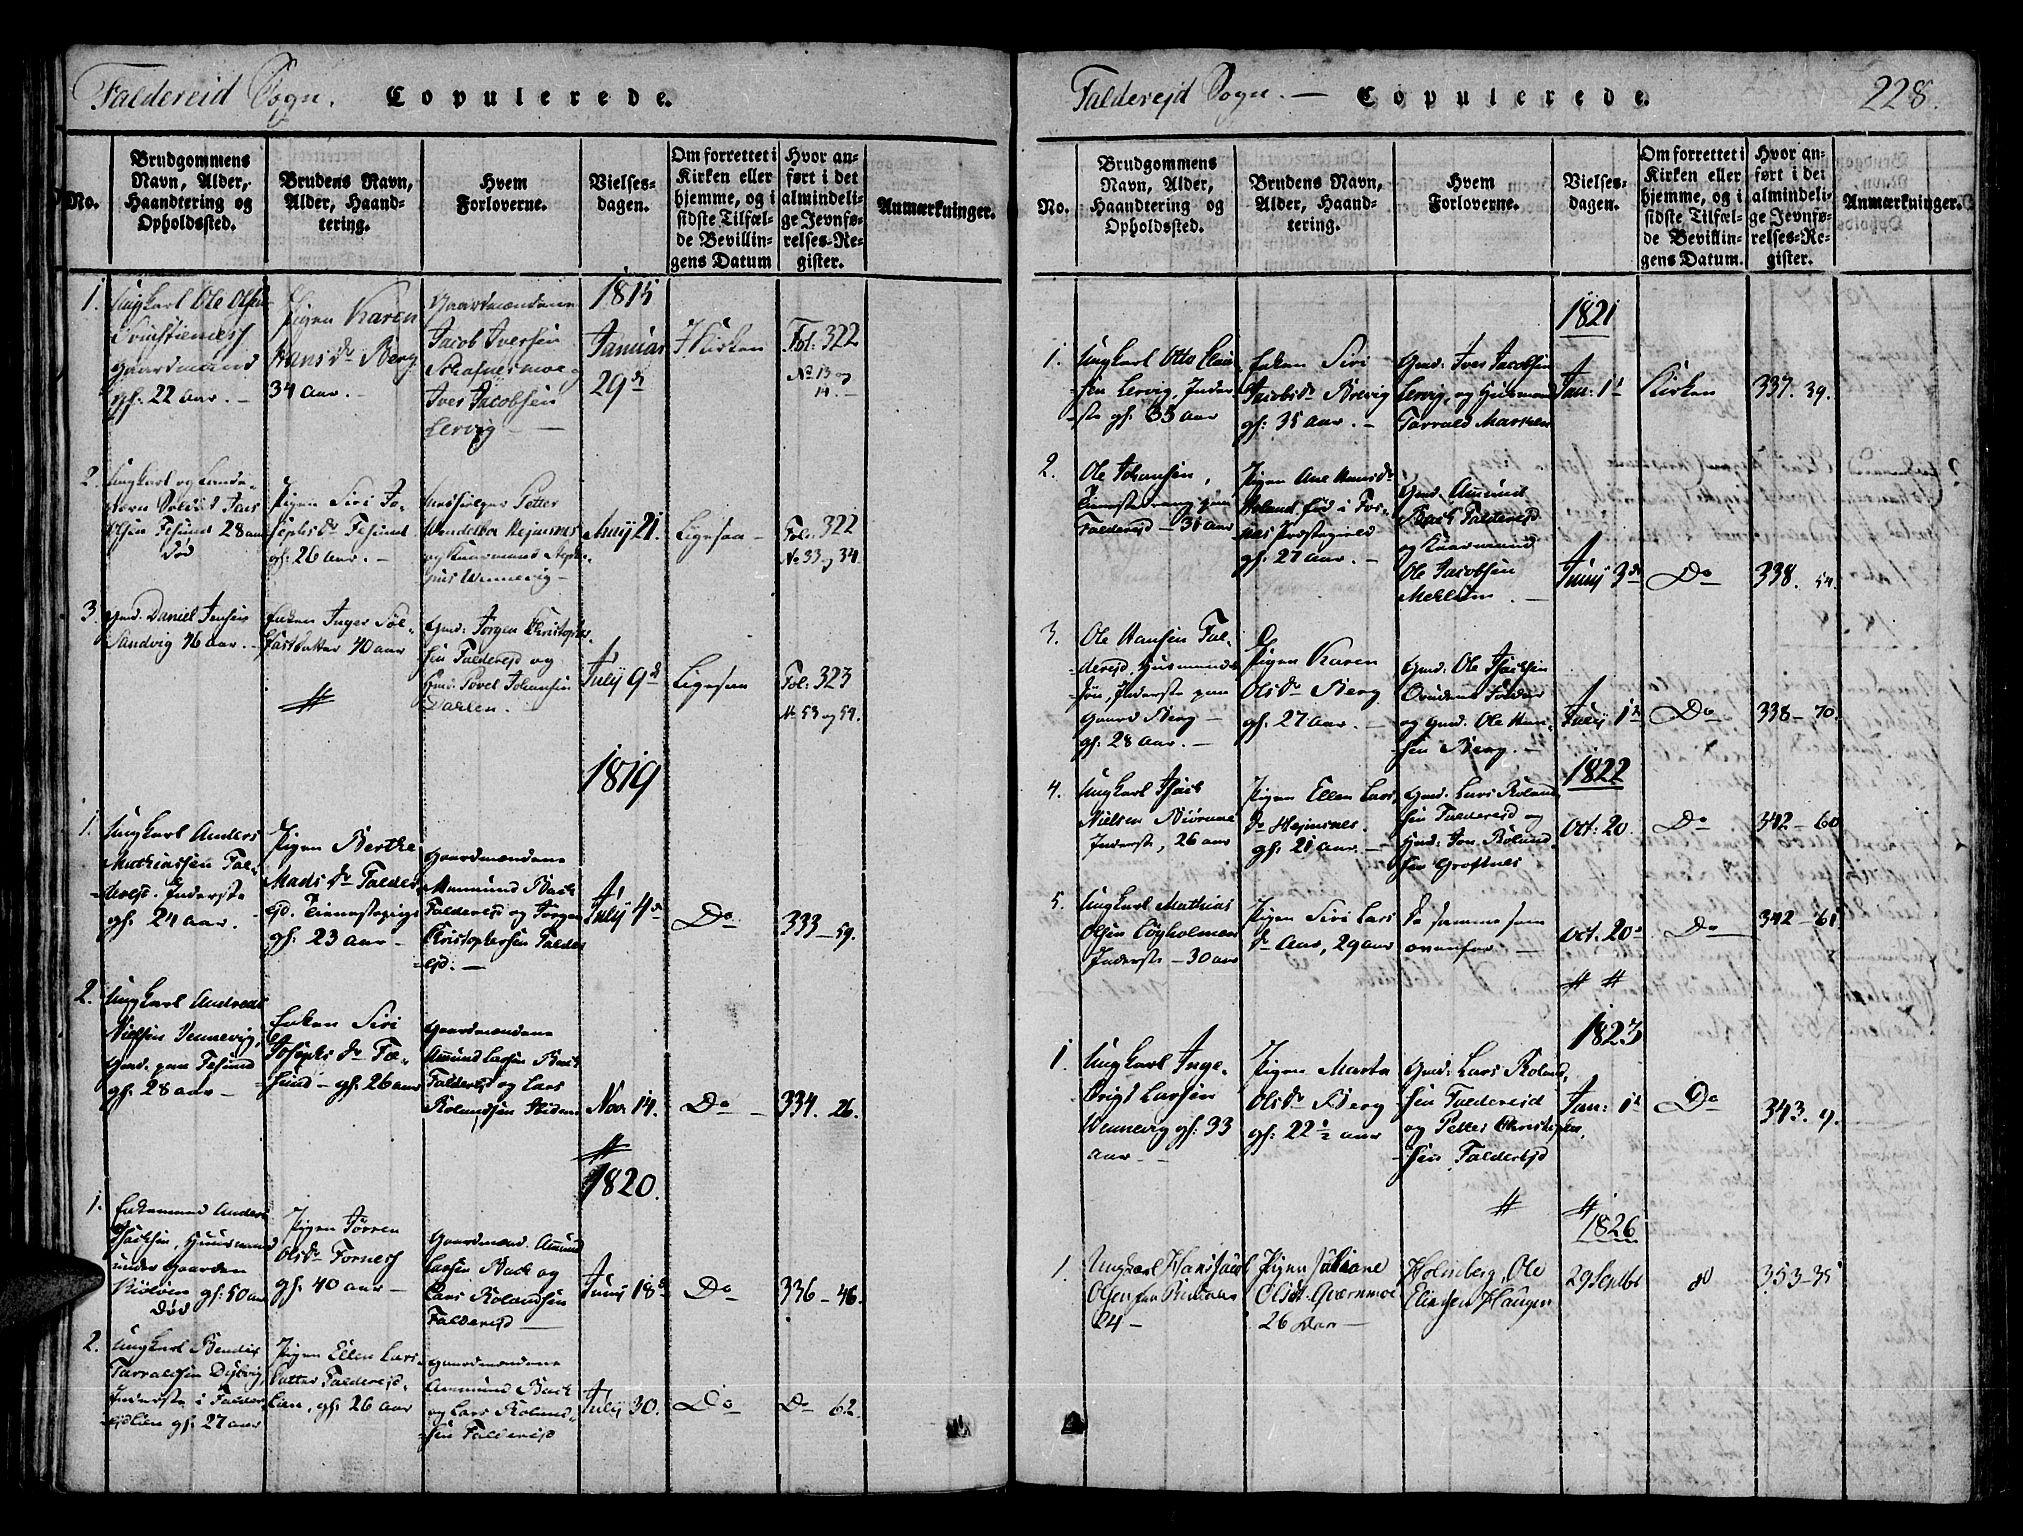 SAT, Ministerialprotokoller, klokkerbøker og fødselsregistre - Nord-Trøndelag, 780/L0636: Ministerialbok nr. 780A03 /3, 1815-1829, s. 228